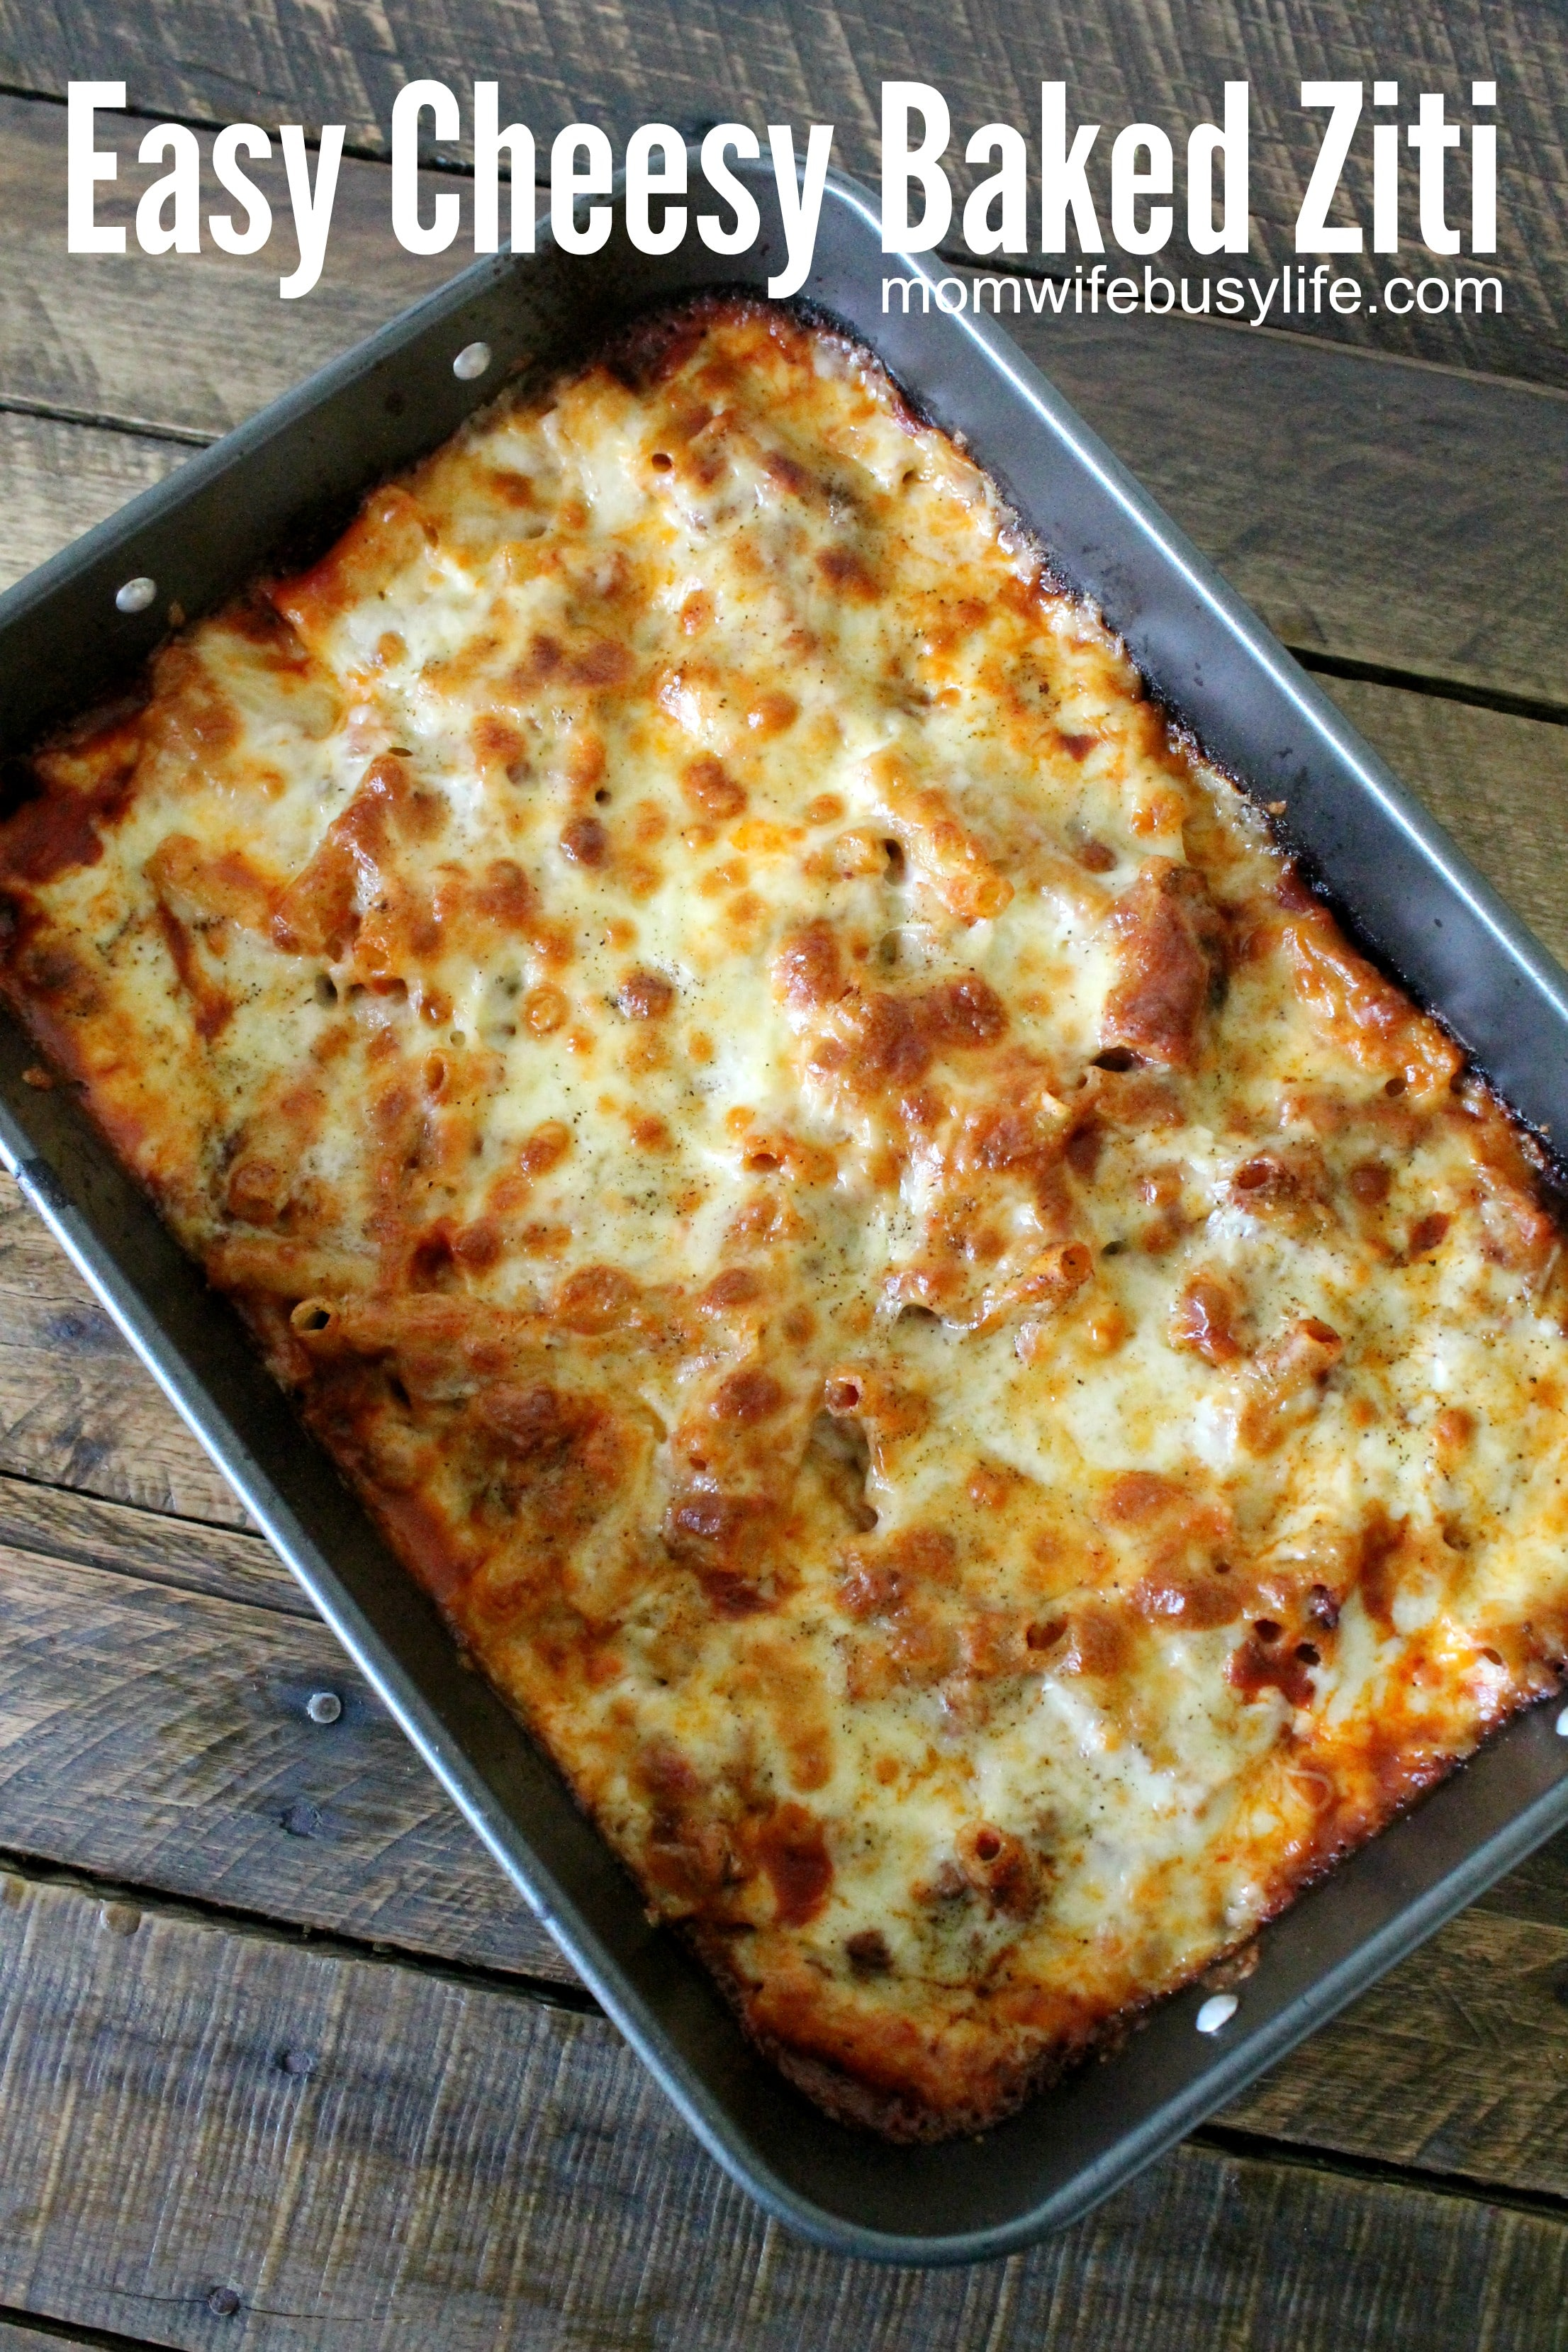 Easy Cheesy Baked Ziti Recipe Mom Wife Busy Life